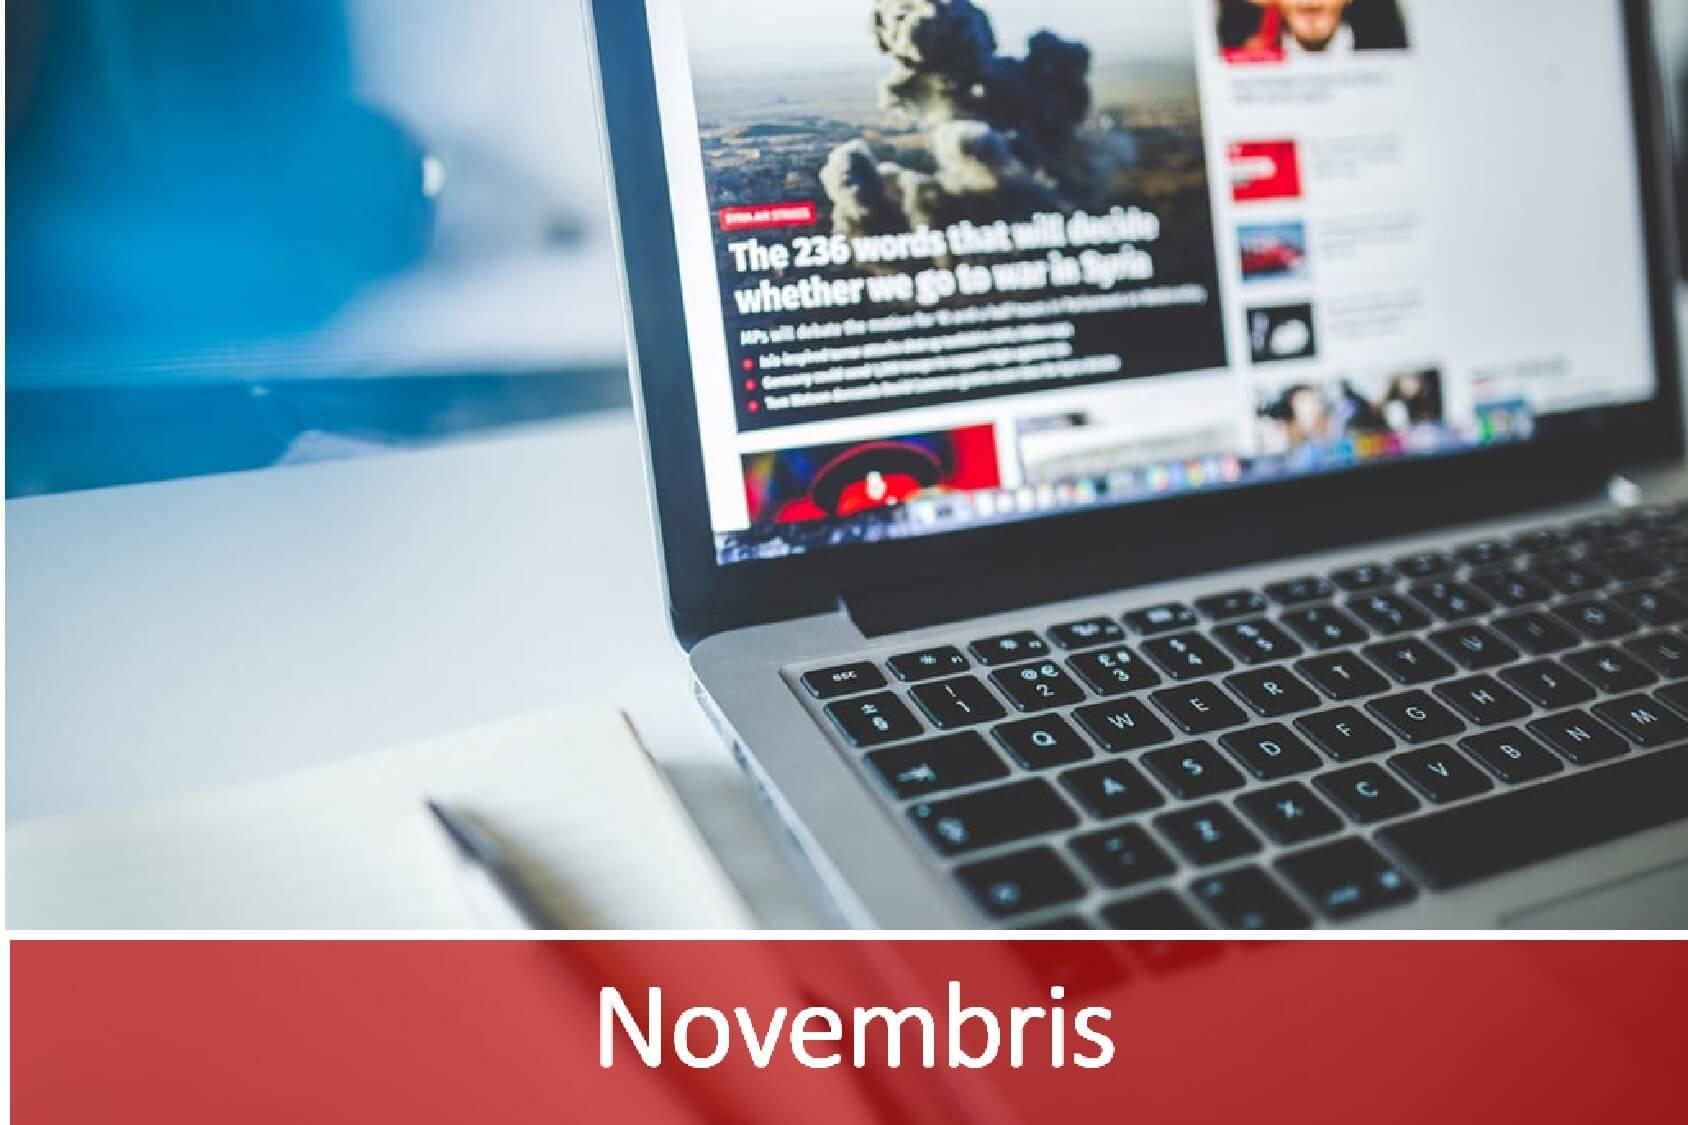 Jaunākās aktualitātes IT nozarē- novembris